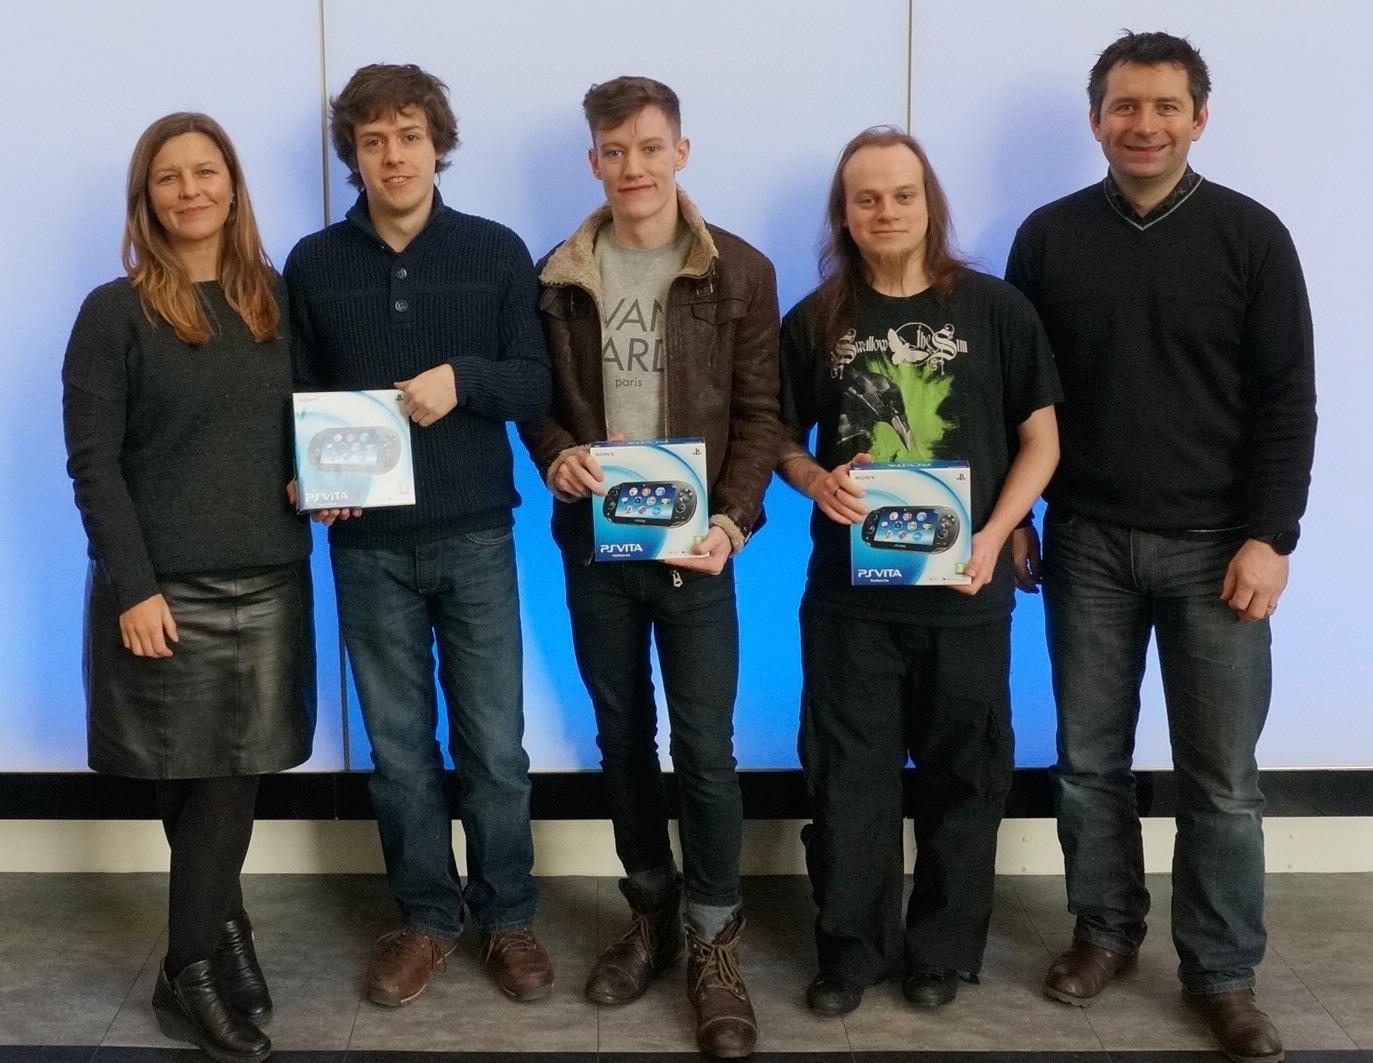 Abertay Students PS Vita Prize Winners